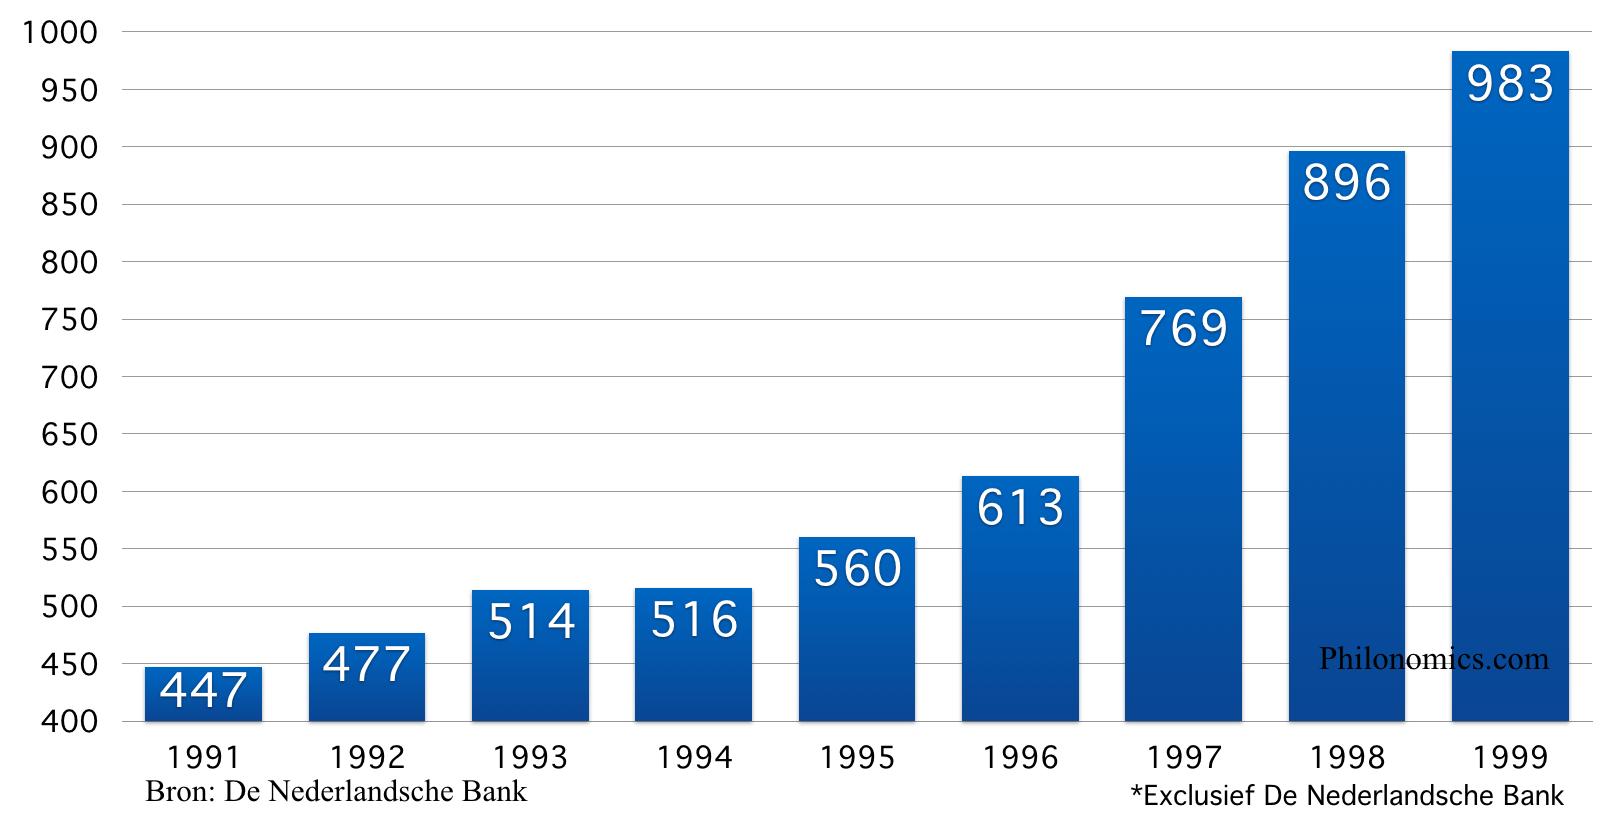 Bezit in Nederland gevestigde financiële instellingen*(in miljarden )